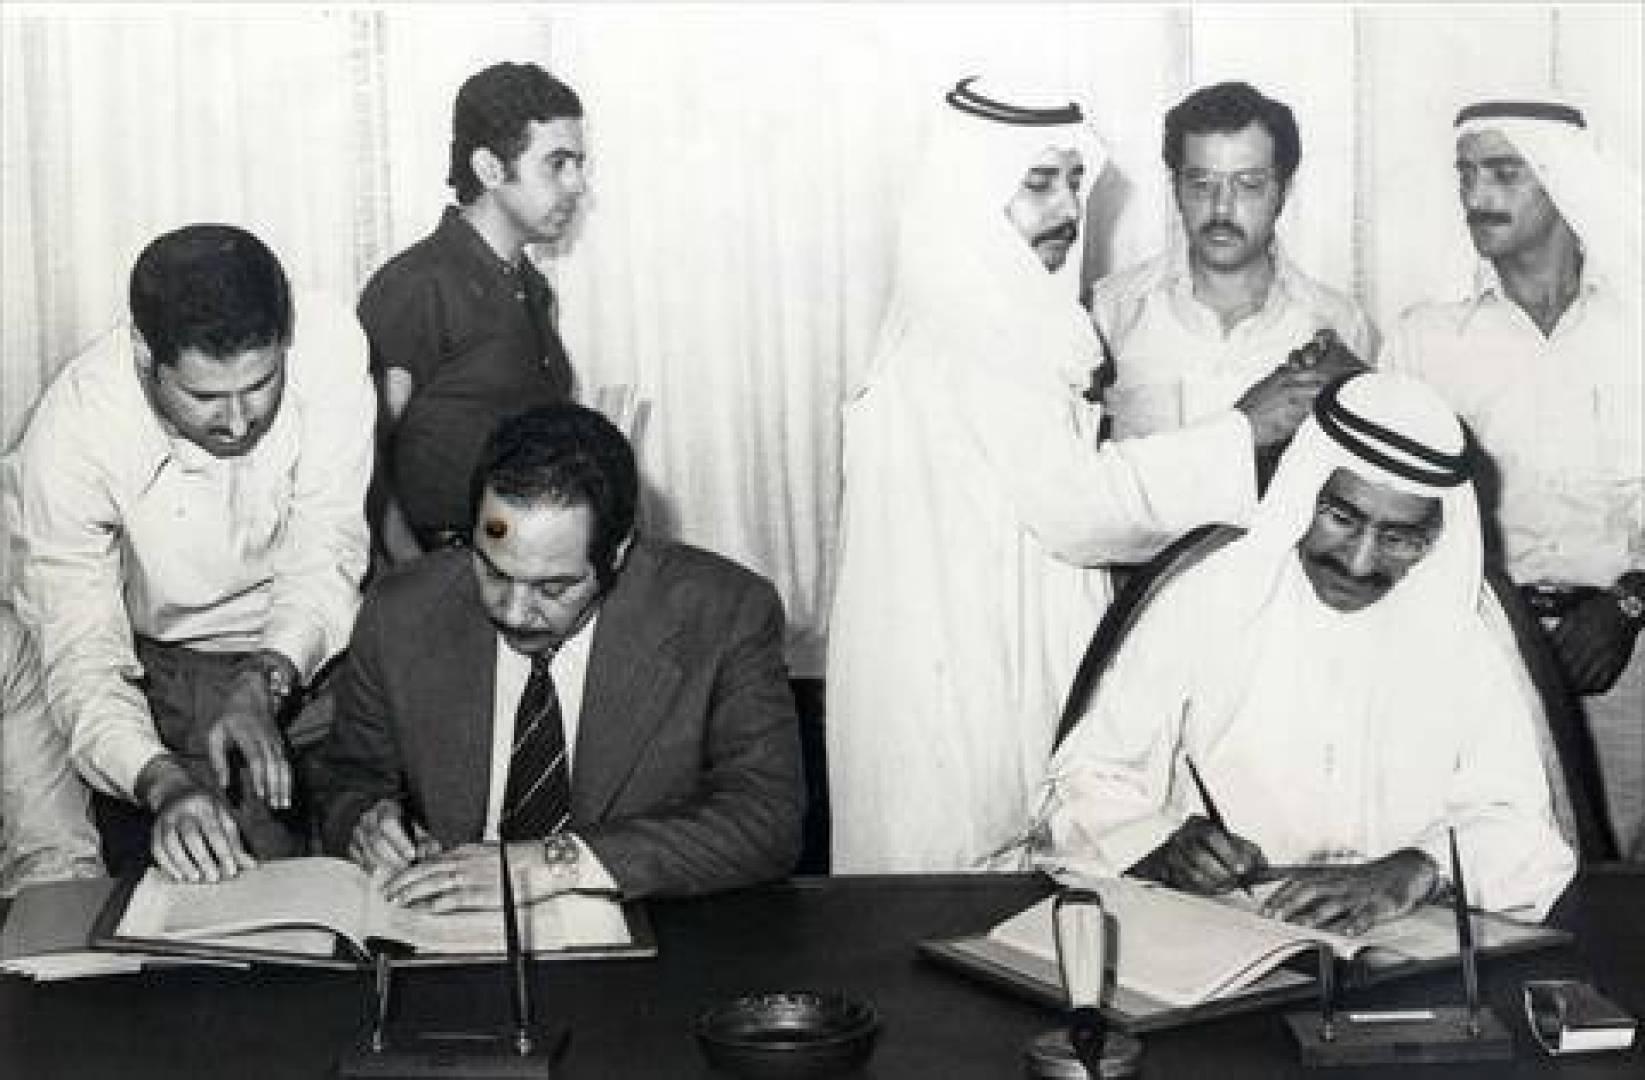 العتيقي والسفير المصري يوقعان اتفاقية القرض.. أرشيفية